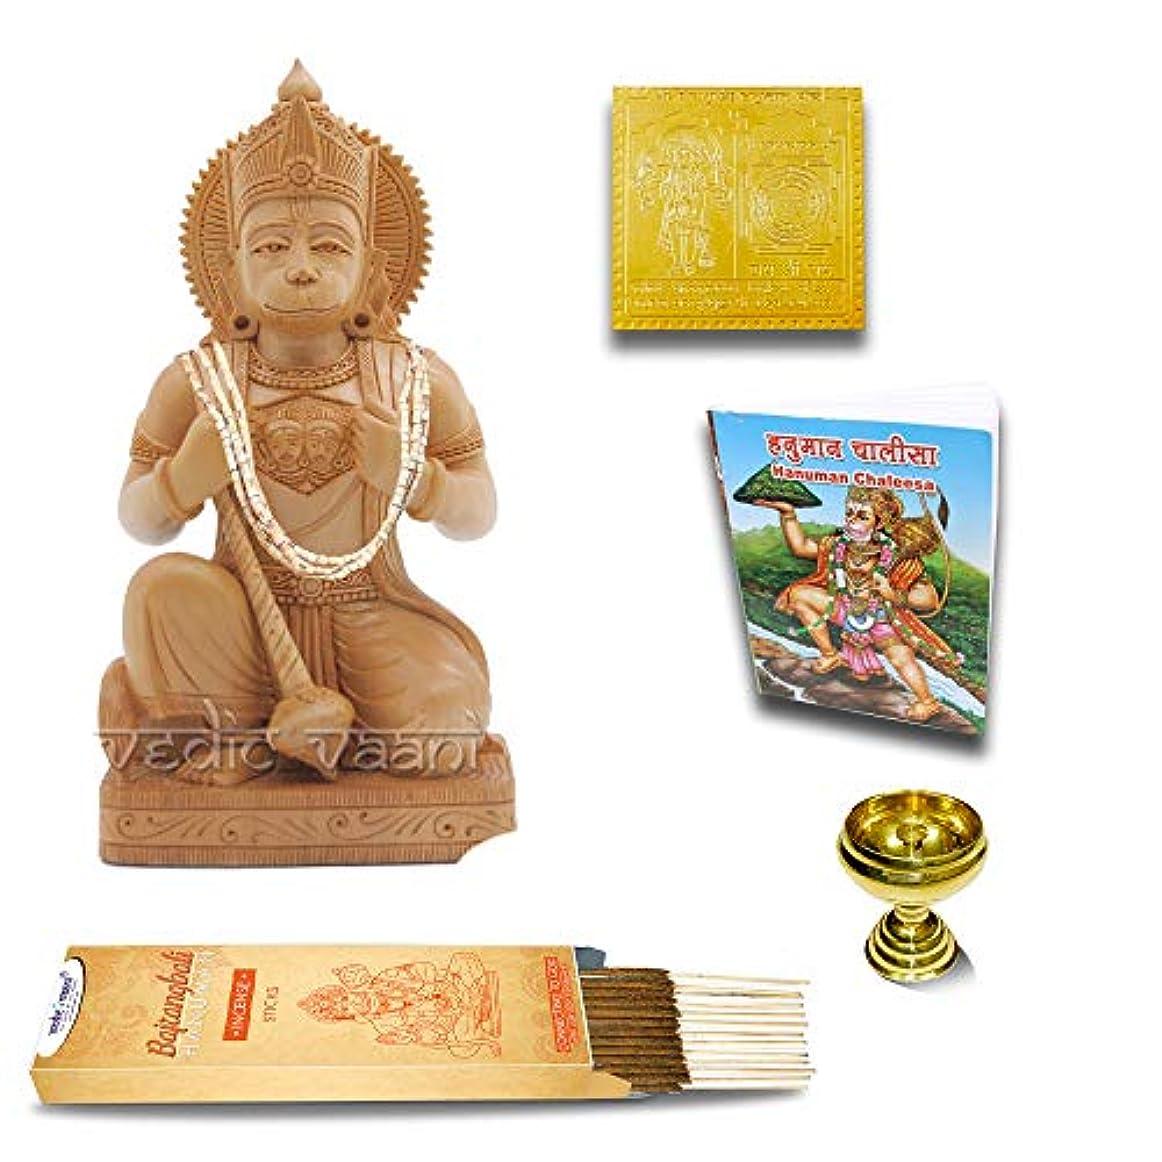 意志に反する写真の不満Vedic Vaani Ram Bhakat Hanuman 木製像 ヤントラ チャリサ ディヤ お香スティック付き 100gm